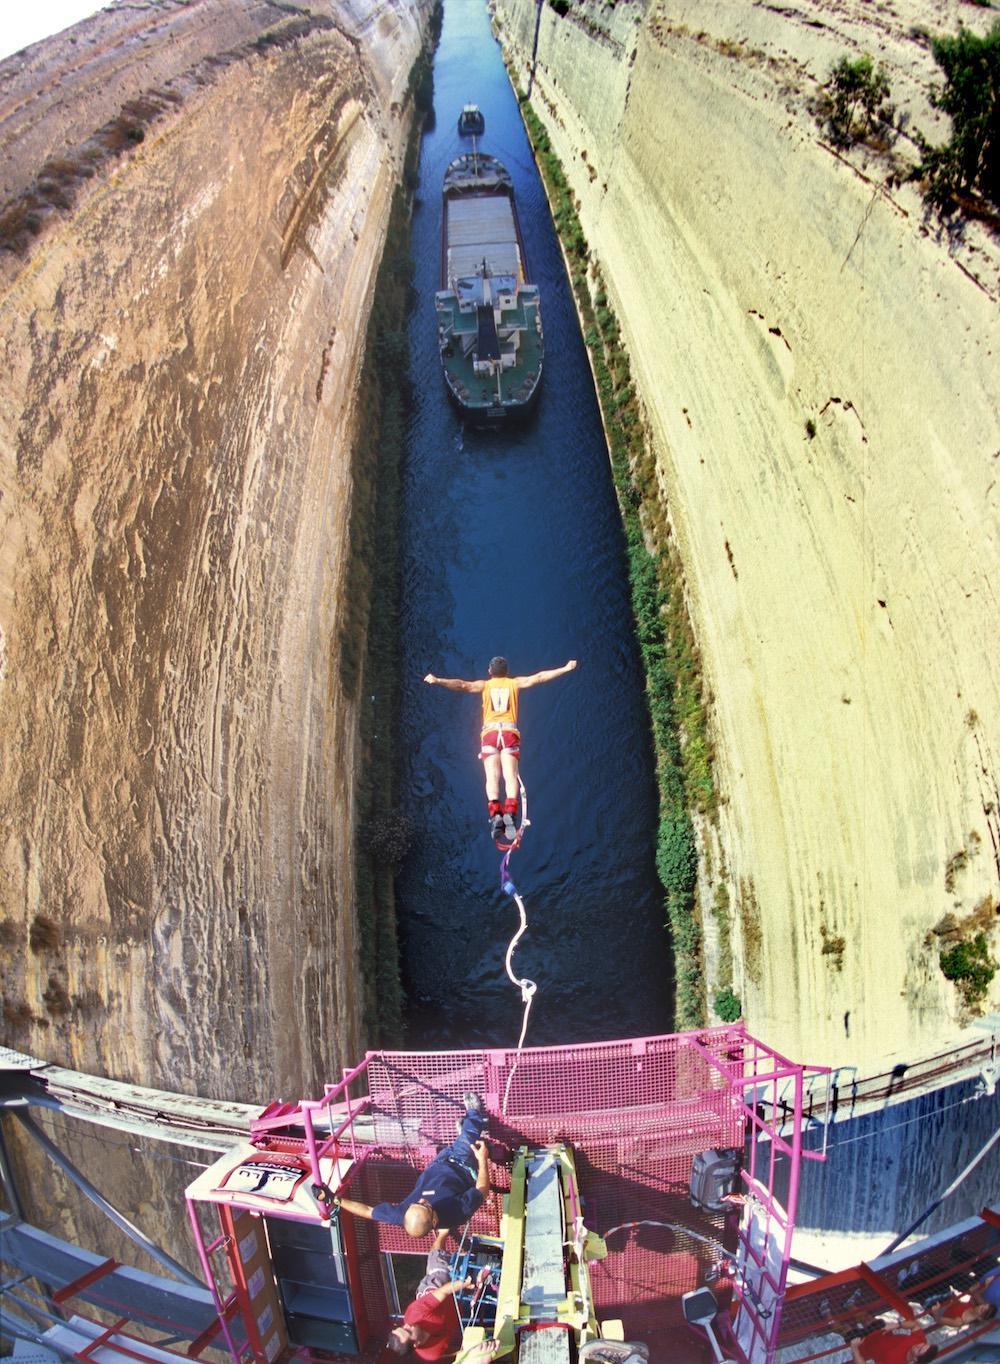 Vivez l'incroyable sensation de sauter dans le canal historique de l'Isthme. – © www.enjoycorinthia.gr